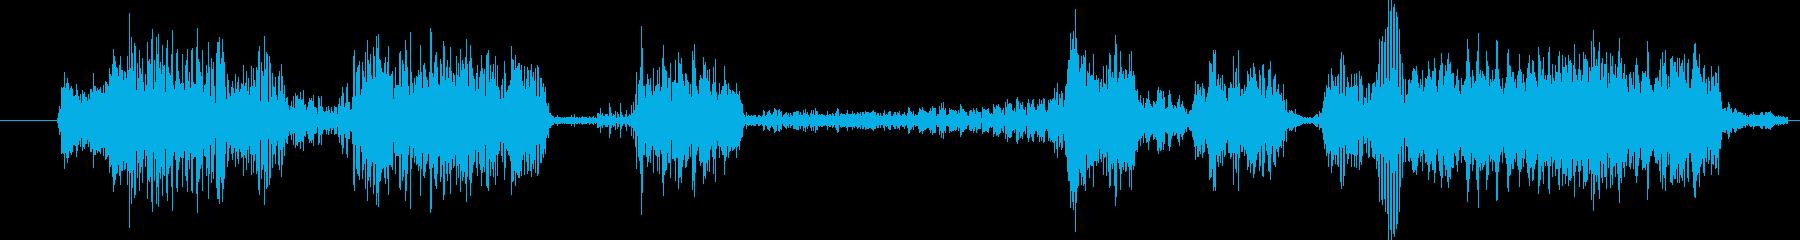 モンスター グリッチトーク02の再生済みの波形